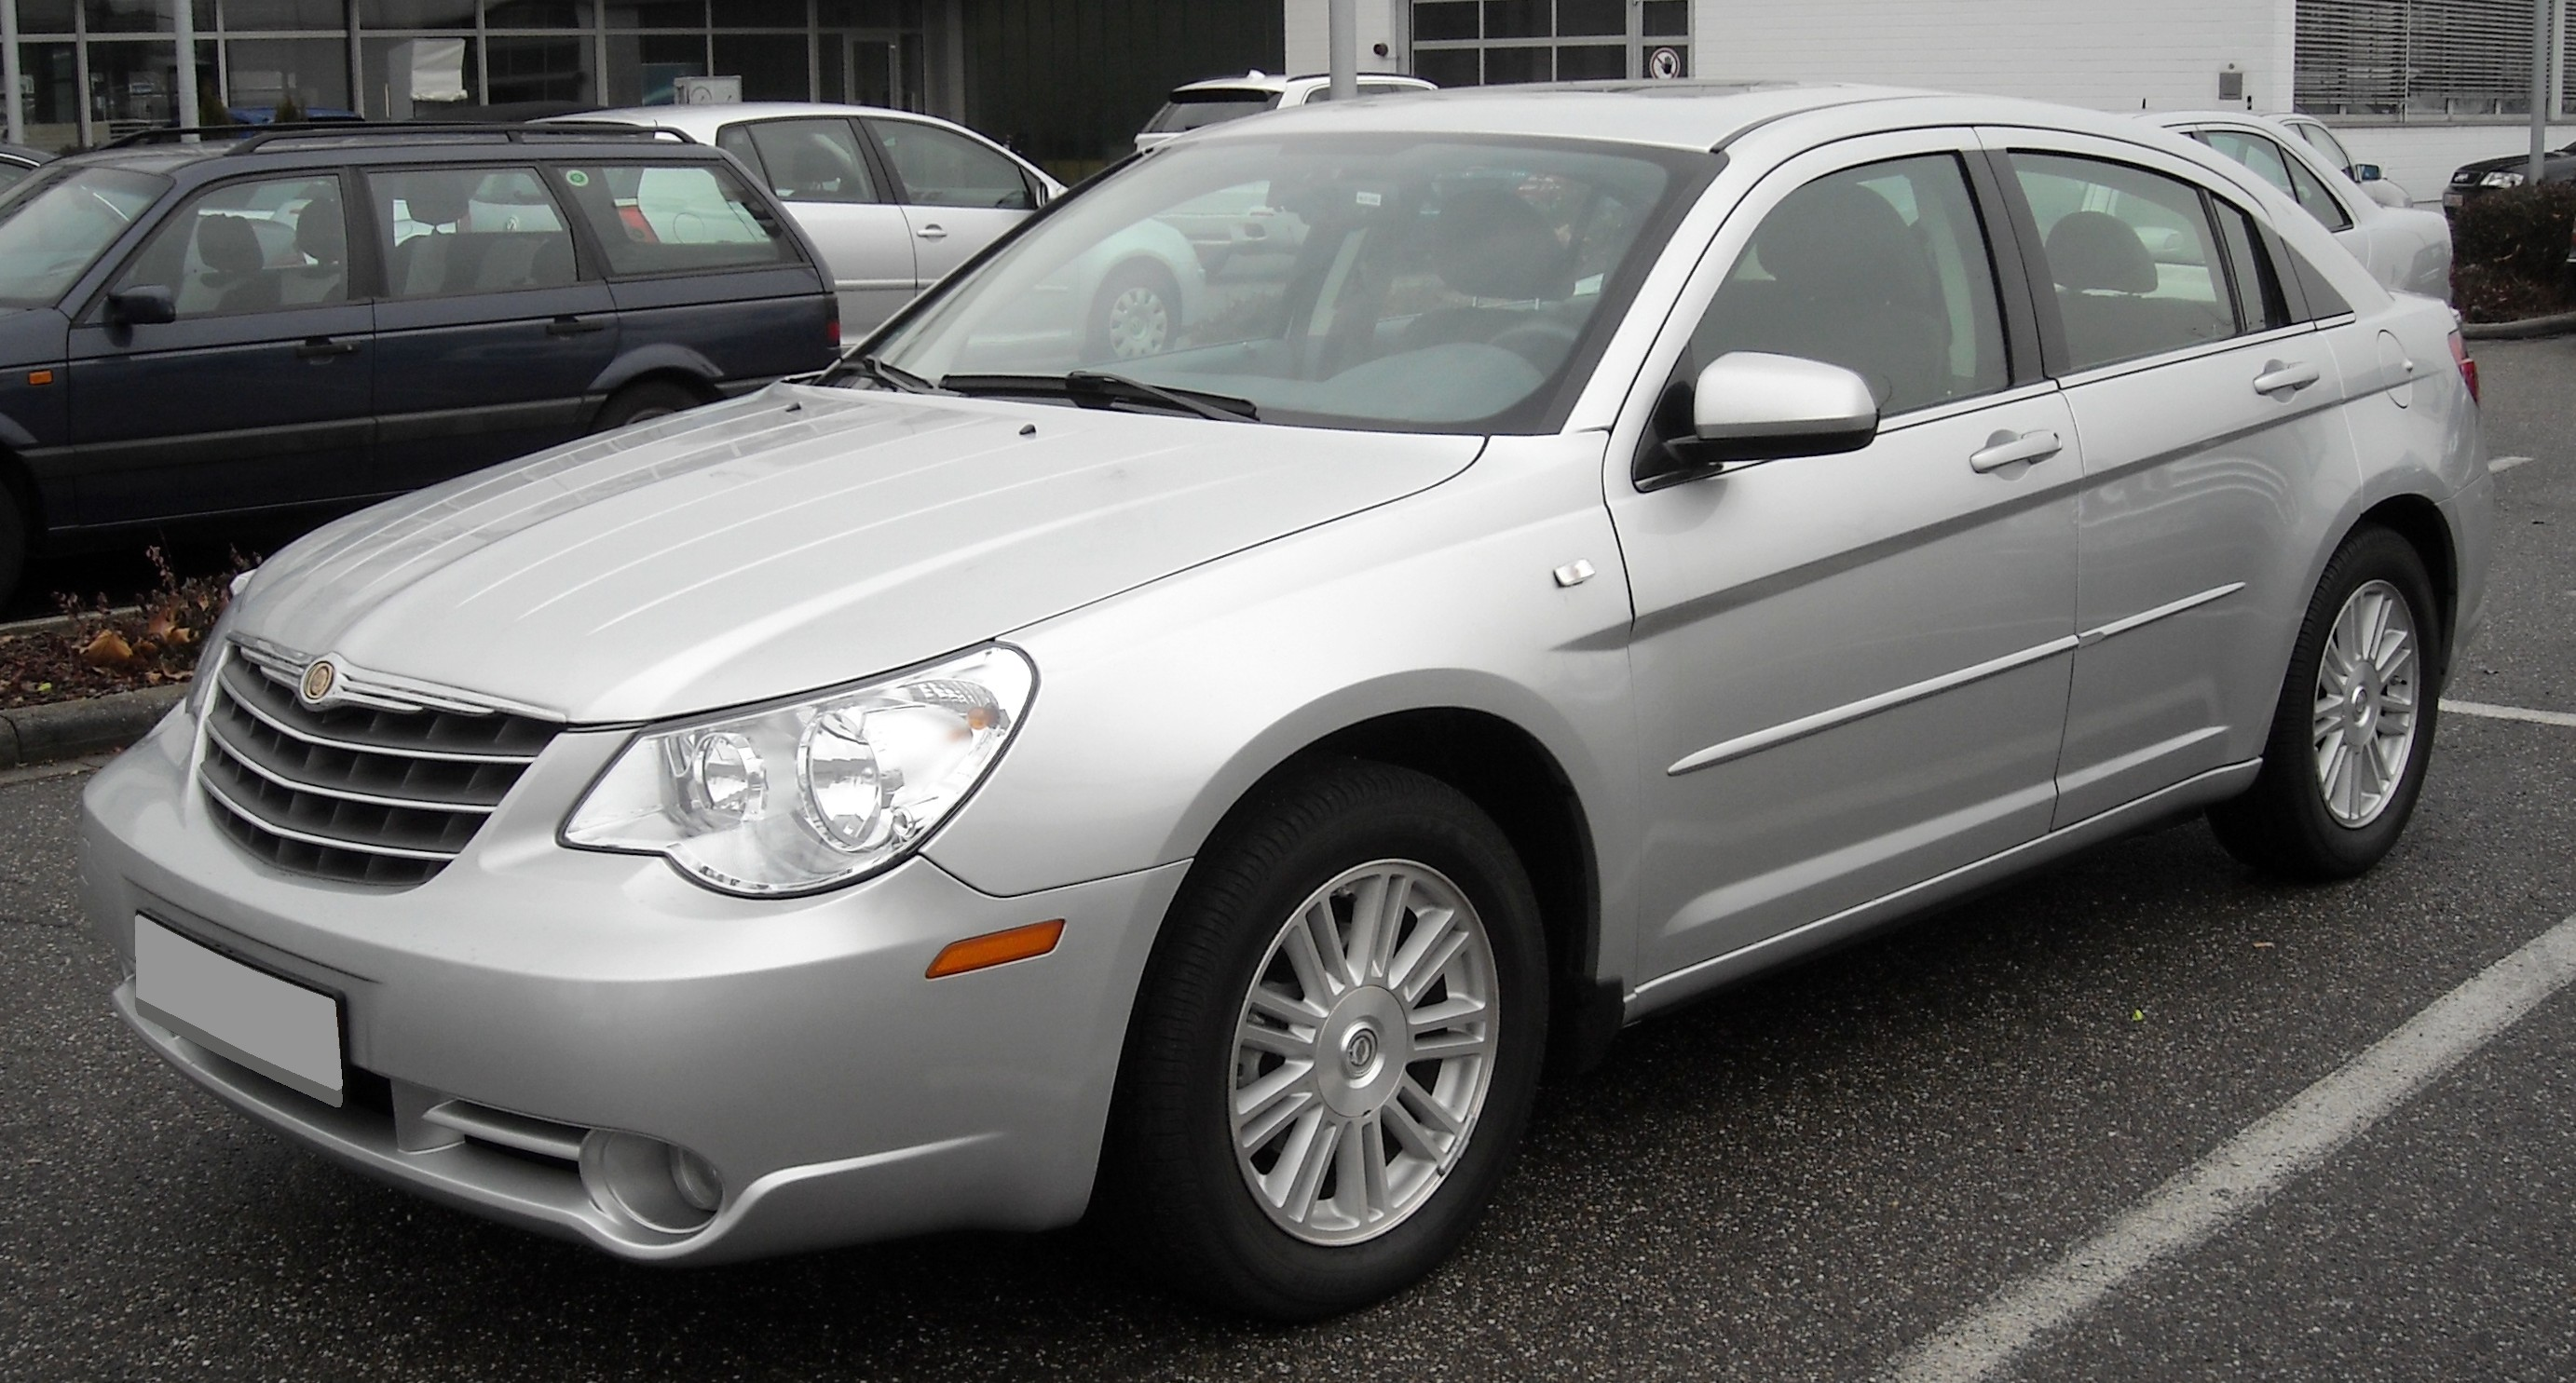 2009 Chrysler sebring uk